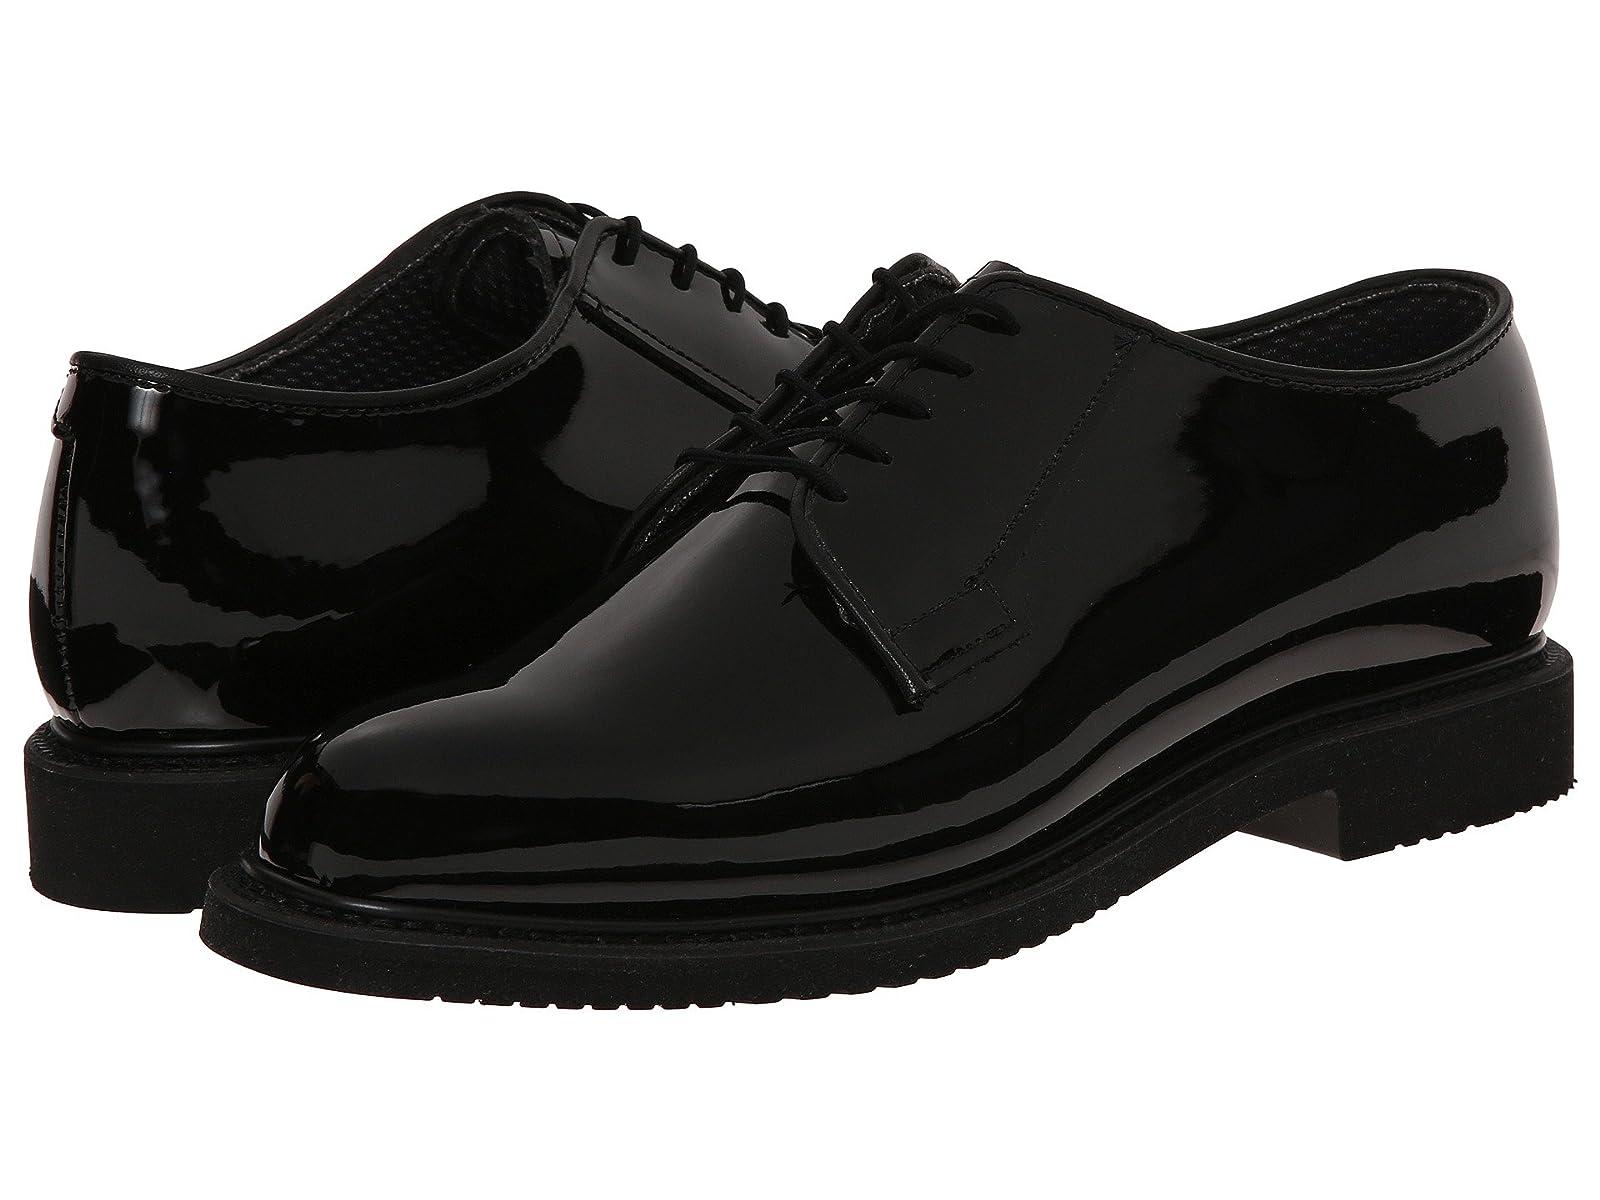 Bates Footwear Lites® Black High GlossAtmospheric grades have affordable shoes